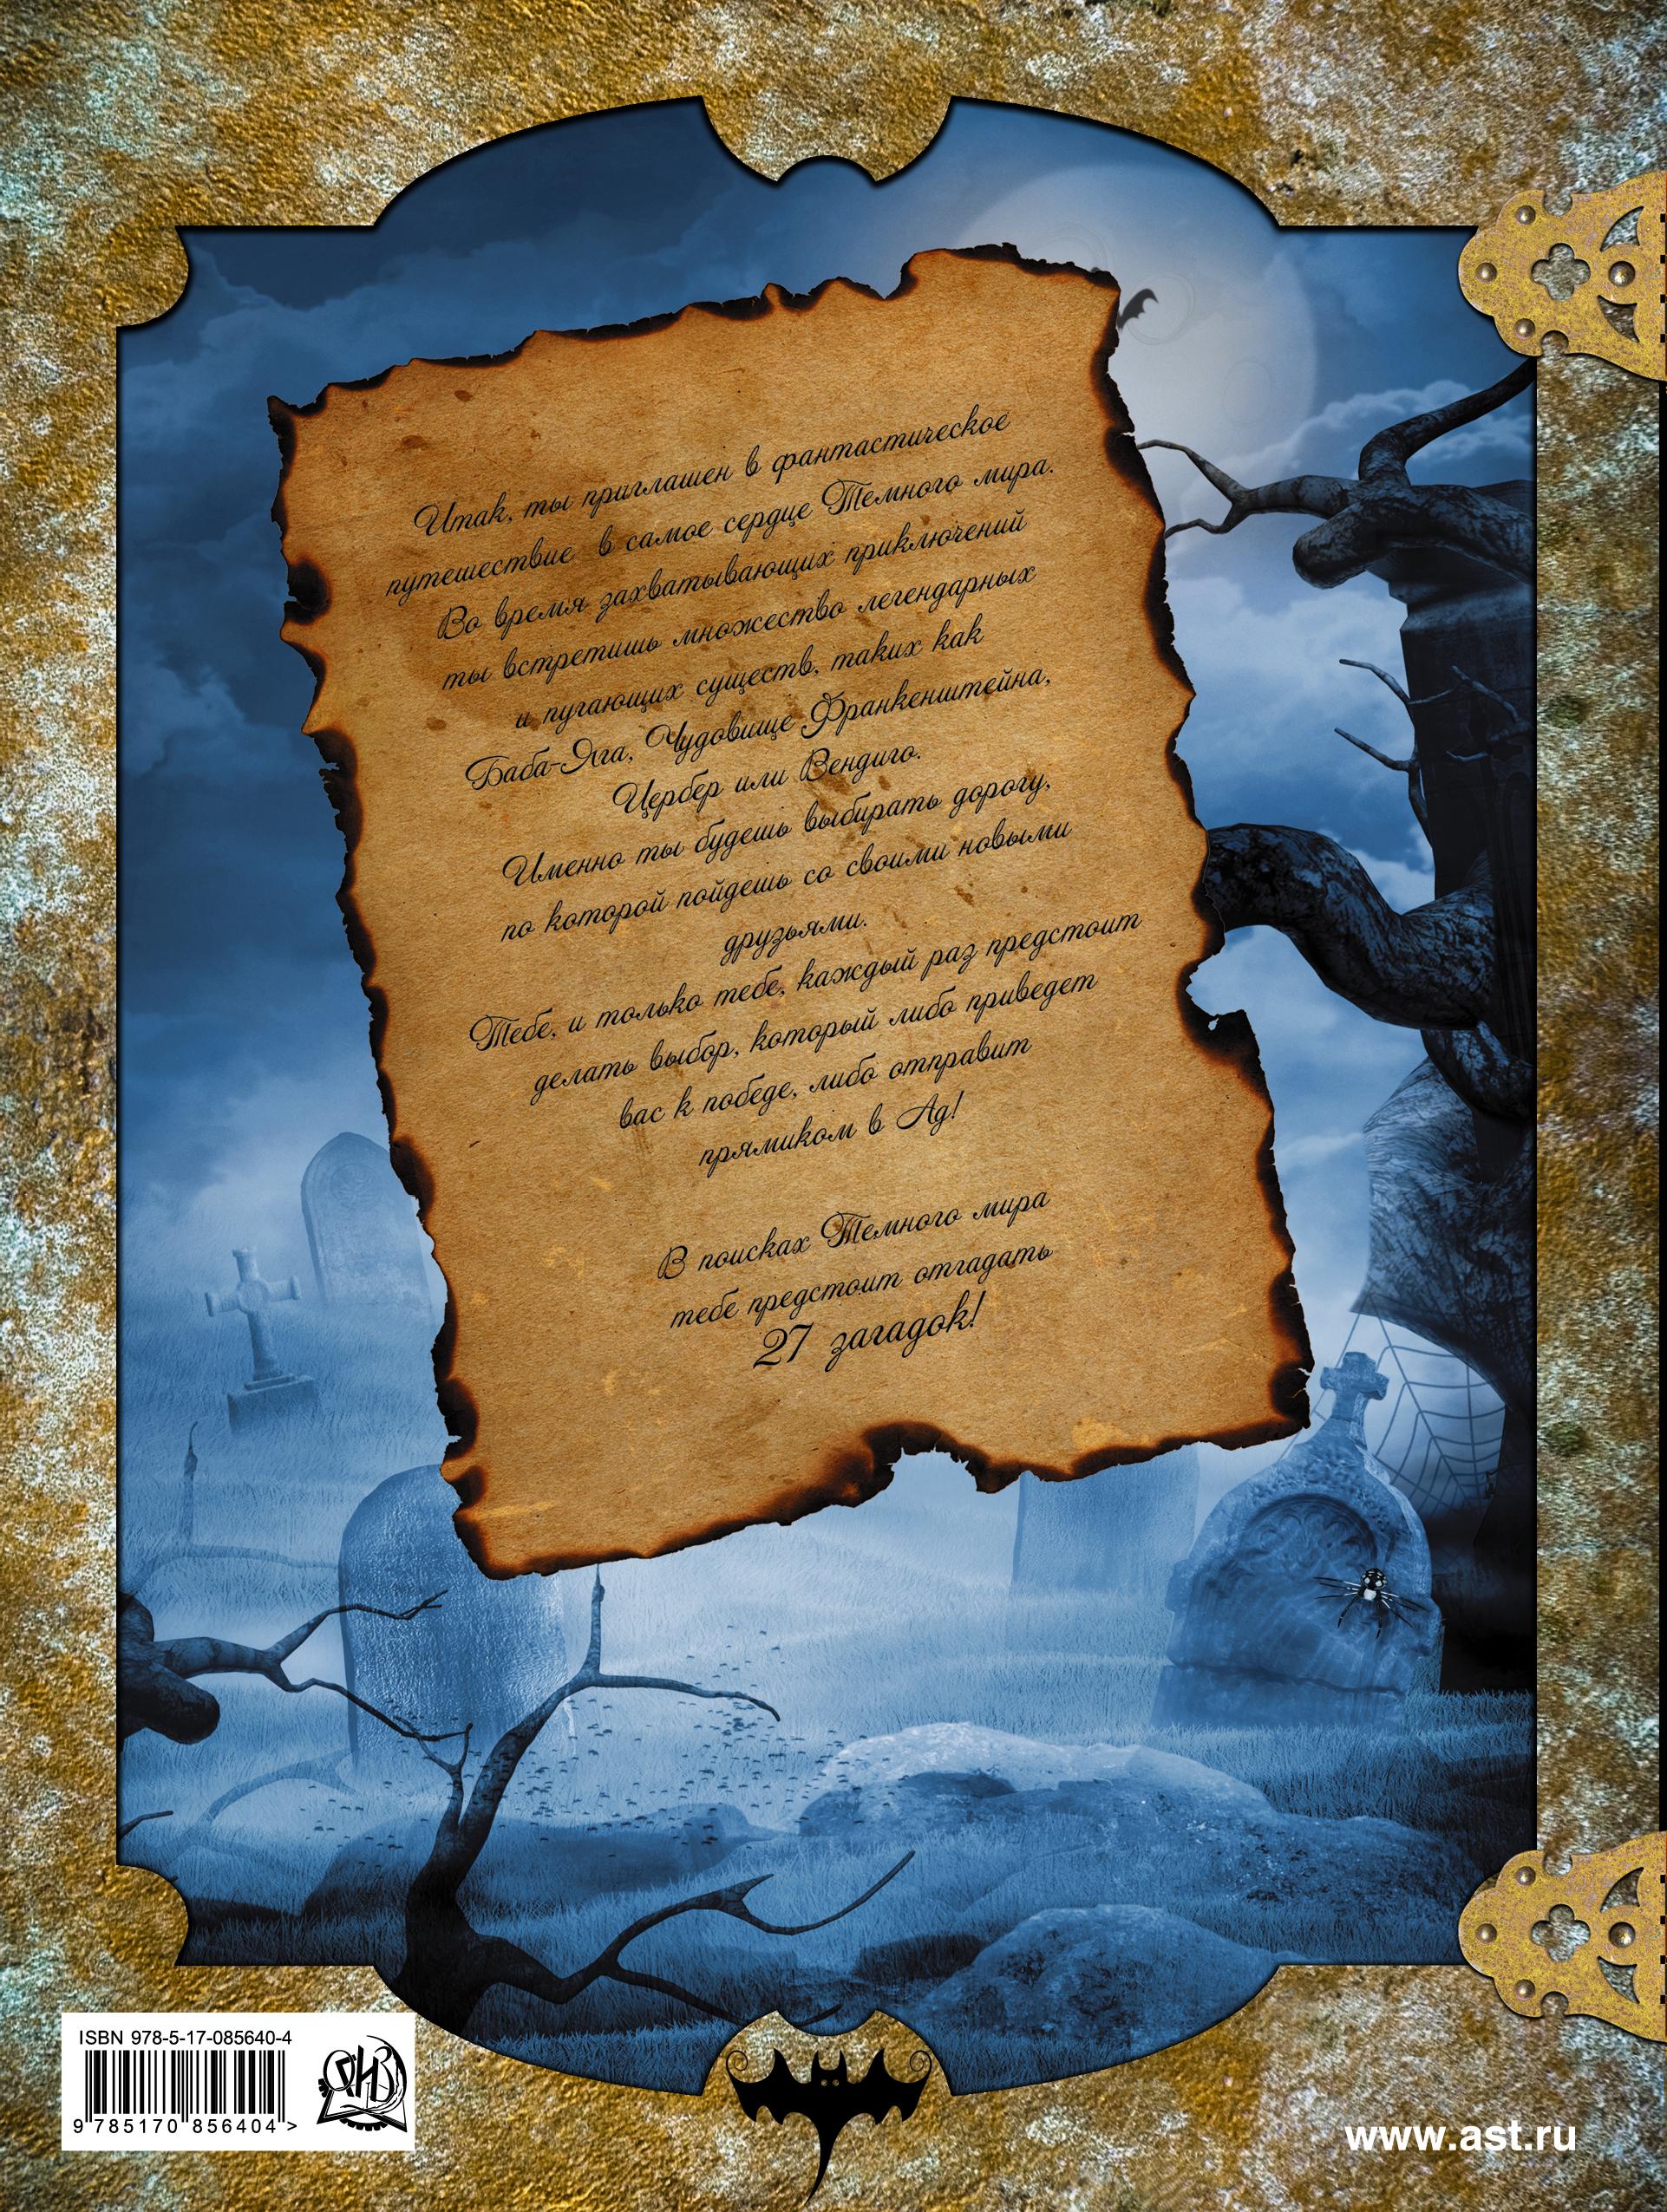 Фабрис Колен, Андре-Франсуа Руо. Злодееведение. Чудовища таинственные и опасные. В поисках Темного мира